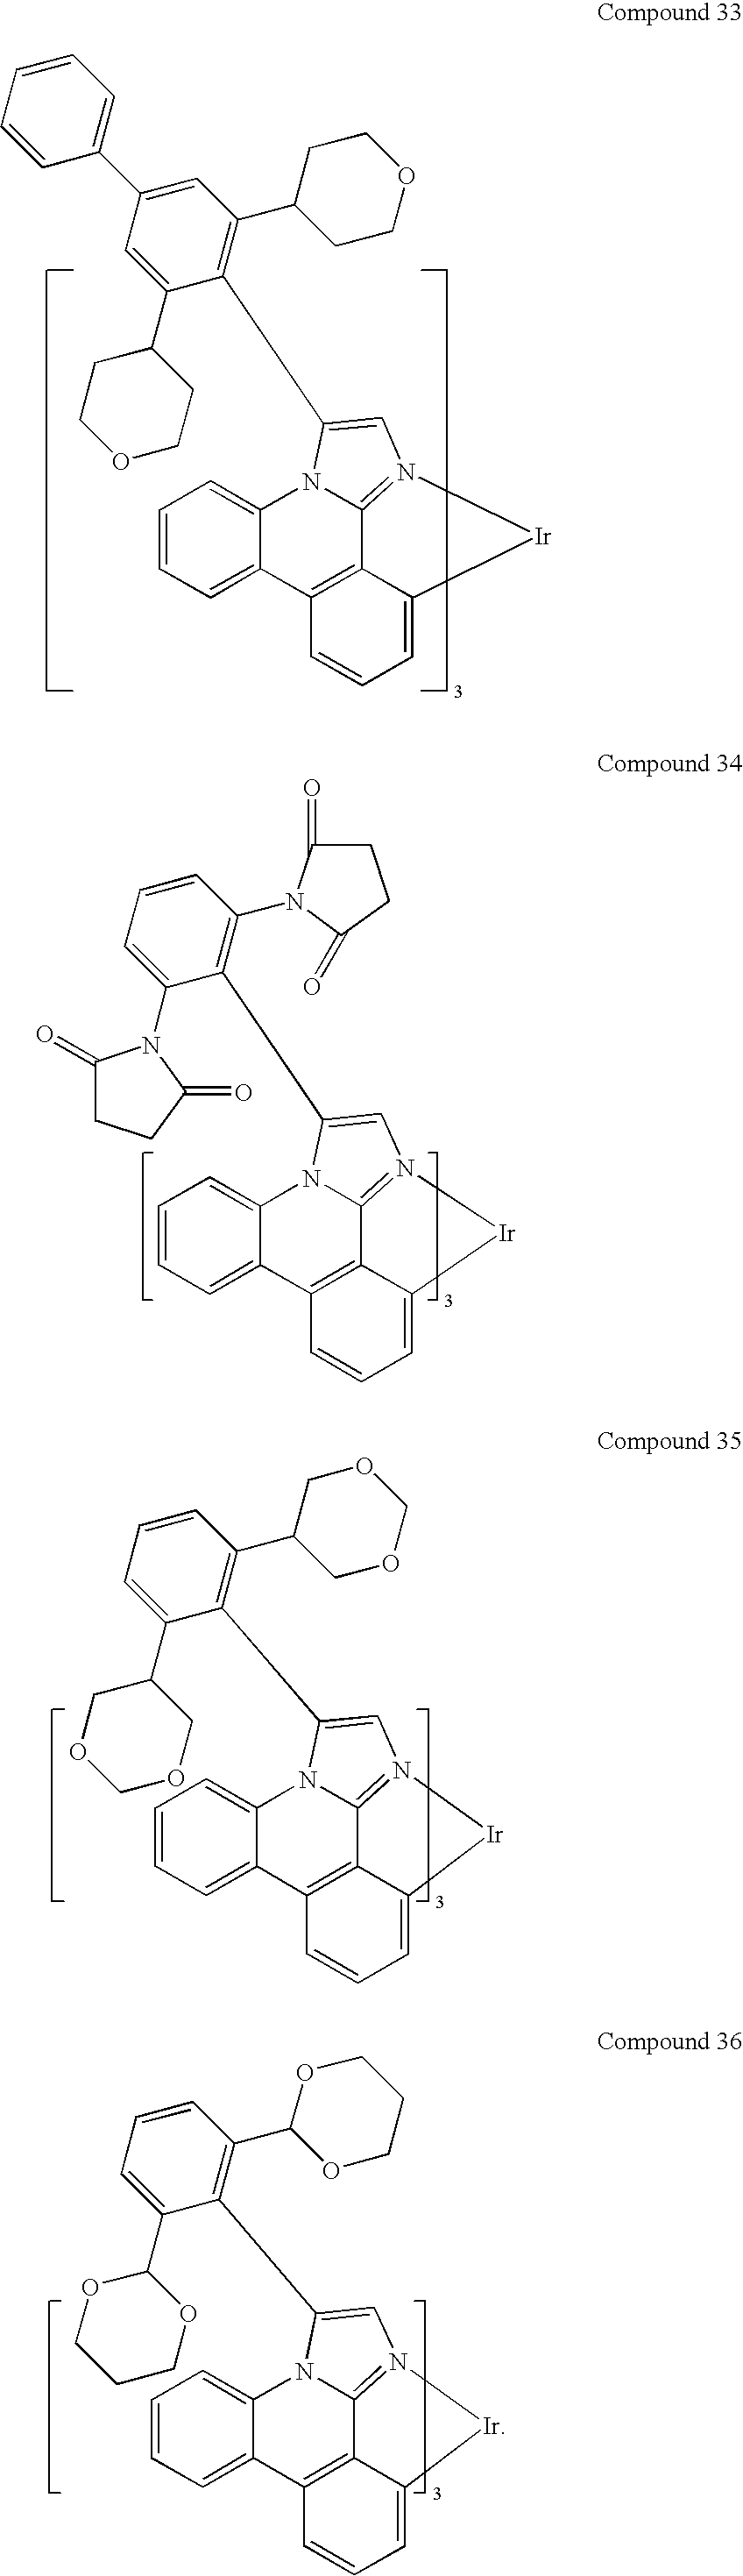 Figure US20100148663A1-20100617-C00170